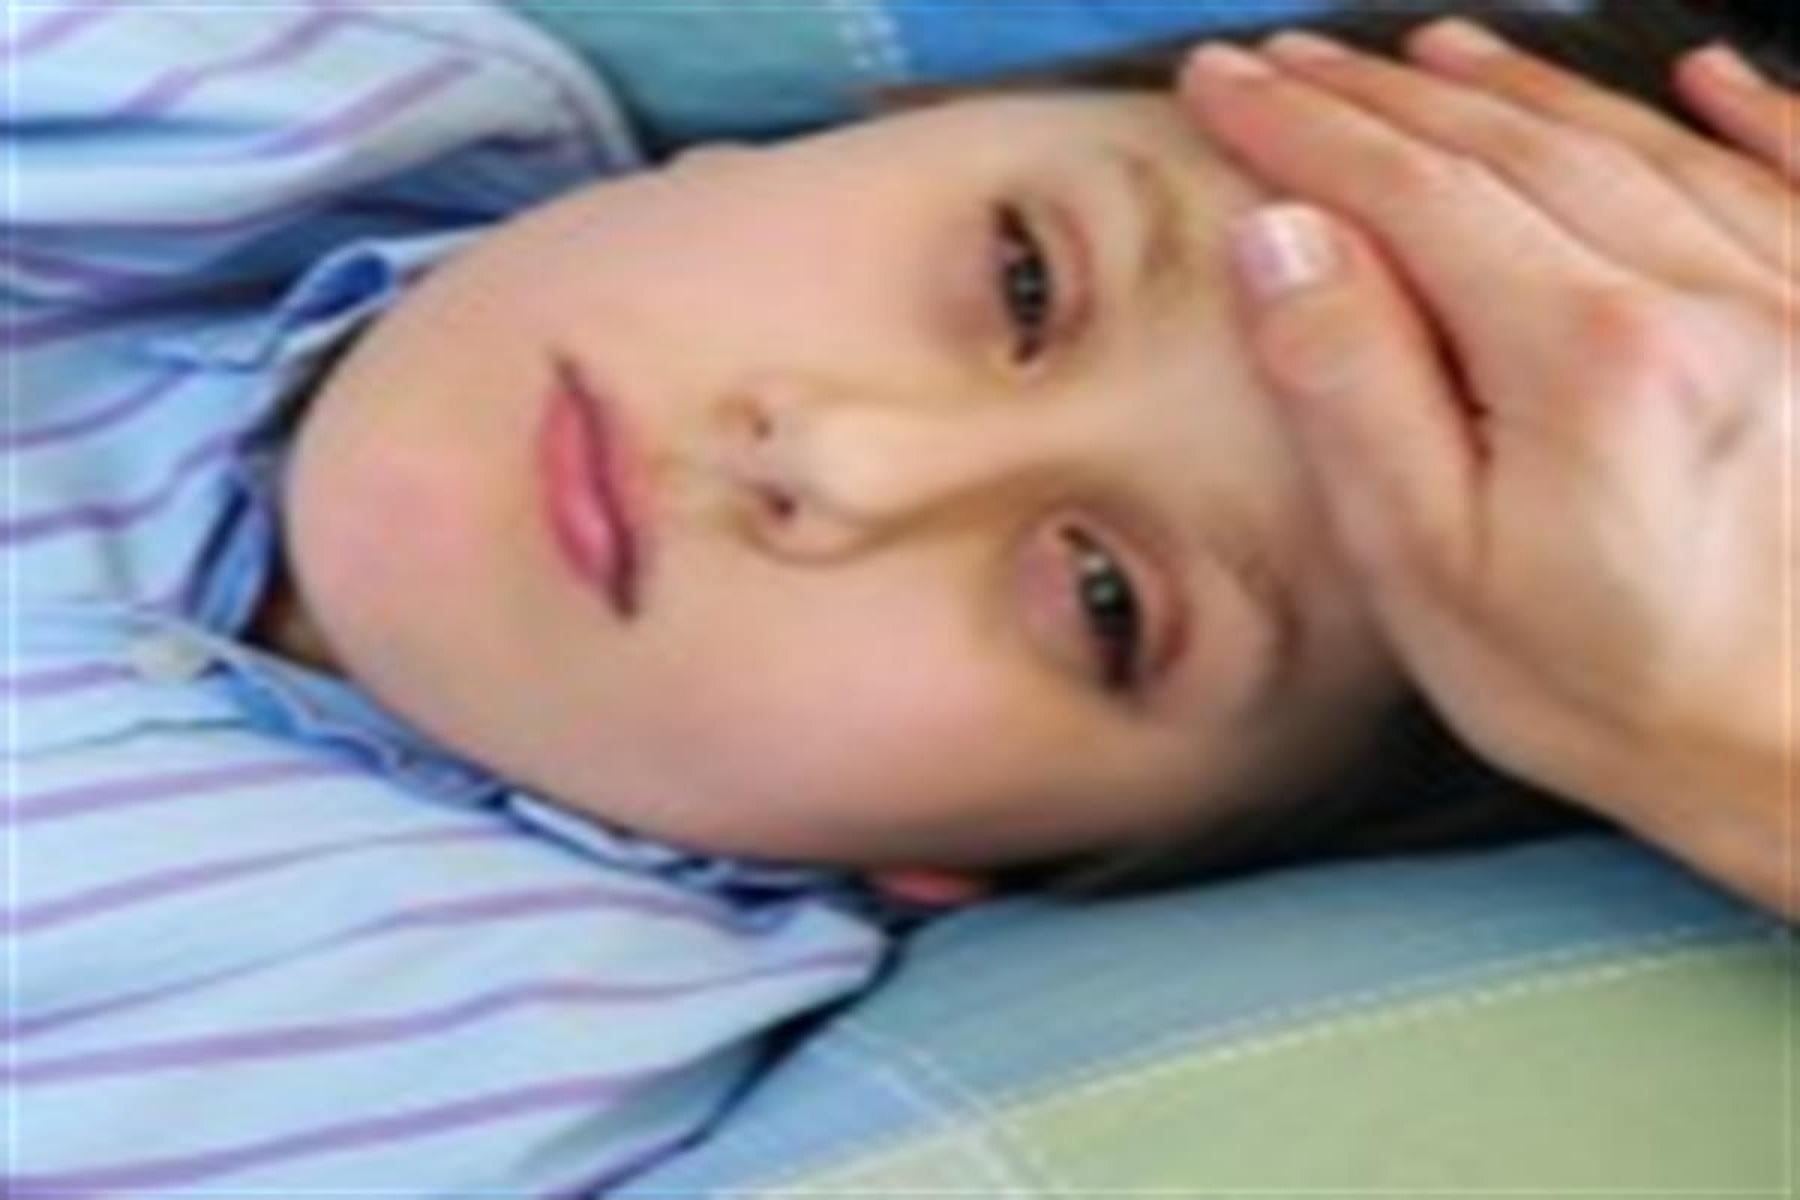 Αδενοϊός Νοσήματα: Ο ιός πρόκλησης ποικιλίας ασθενειών